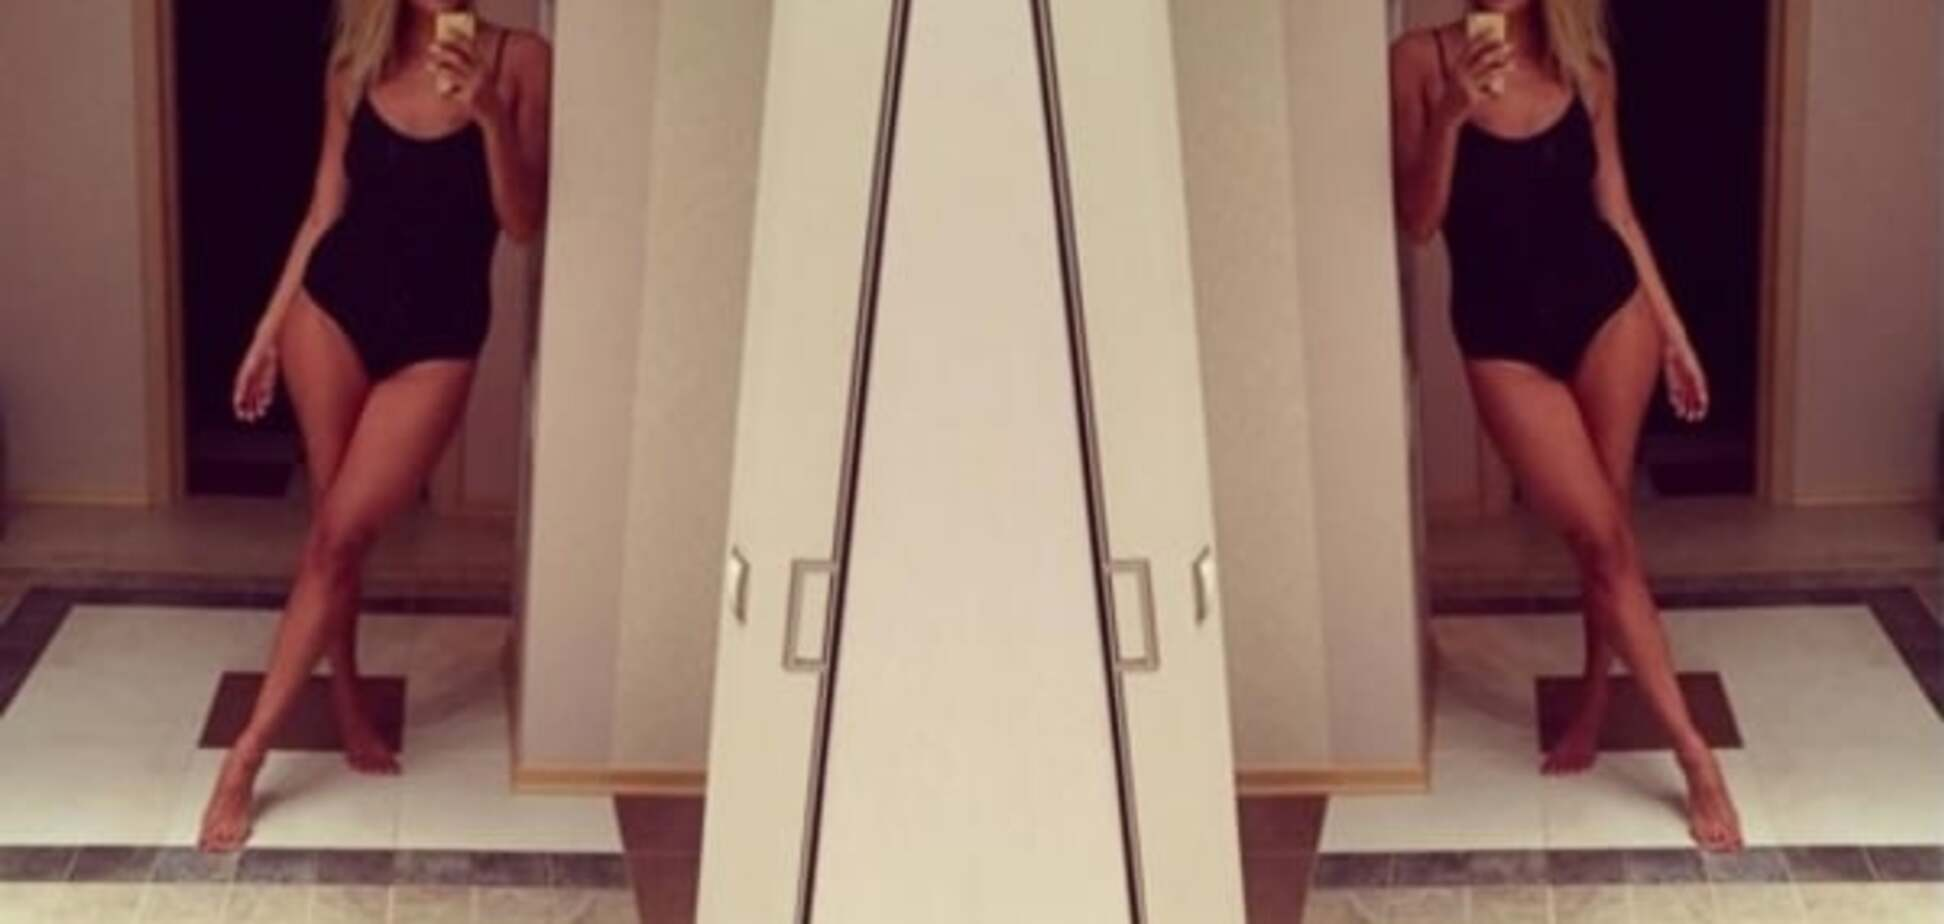 Клочкова сделала пикантное селфи в нижнем белье